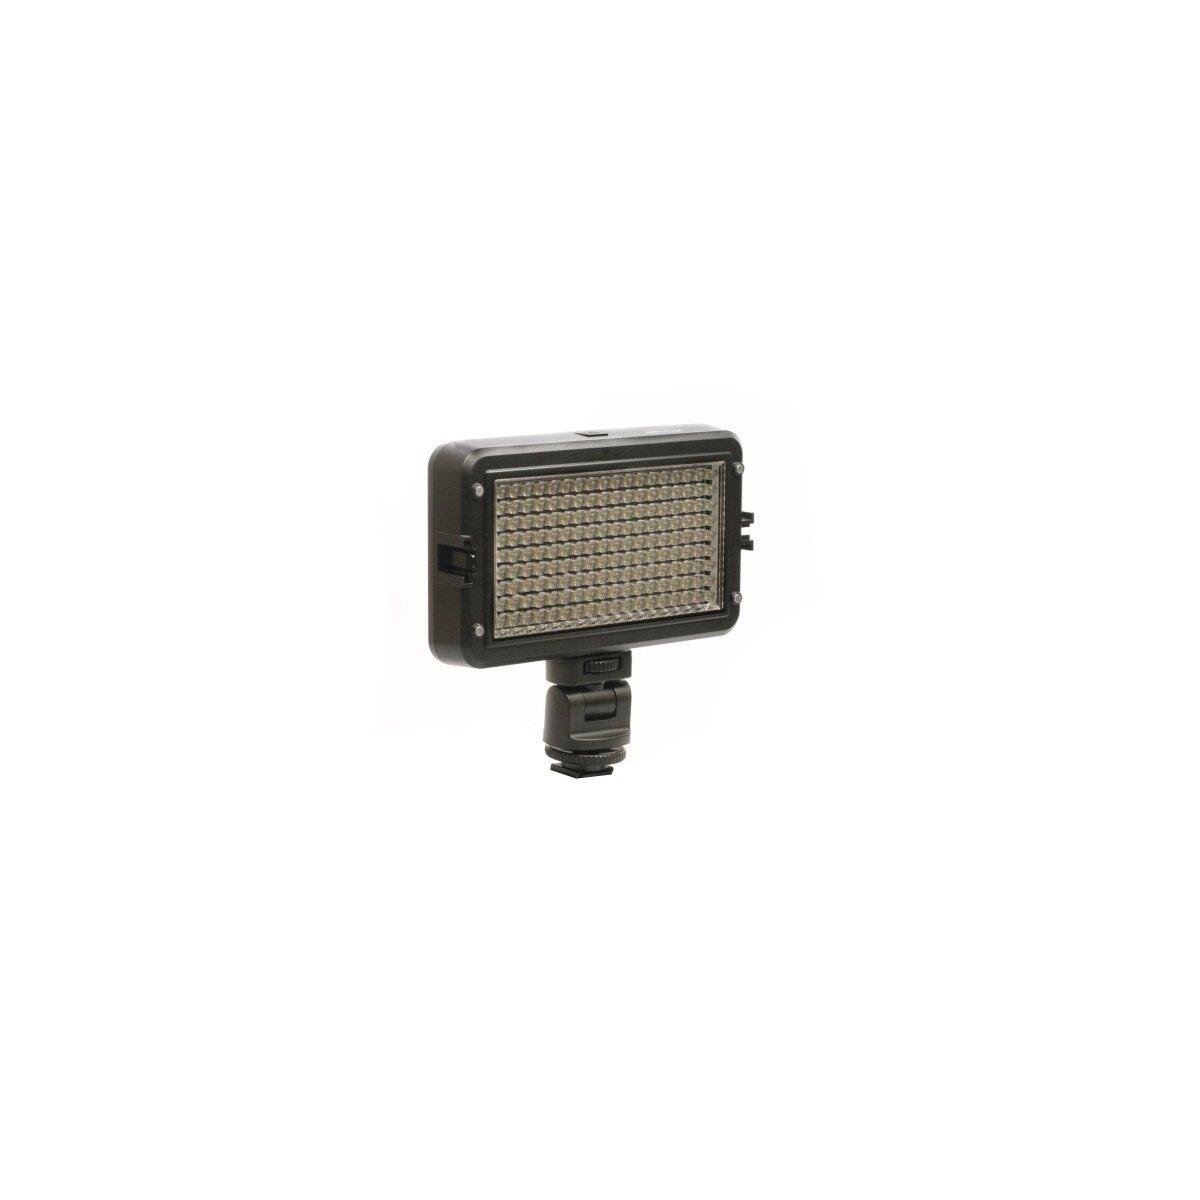 Viltrox Kraftvolle Videoleuchte 162 LED's, Lichtkamera mit Dimmer fuer Helligkeitsregelung & 2 Filtern fuer alle gaengigen Kameras (LL-162VB)